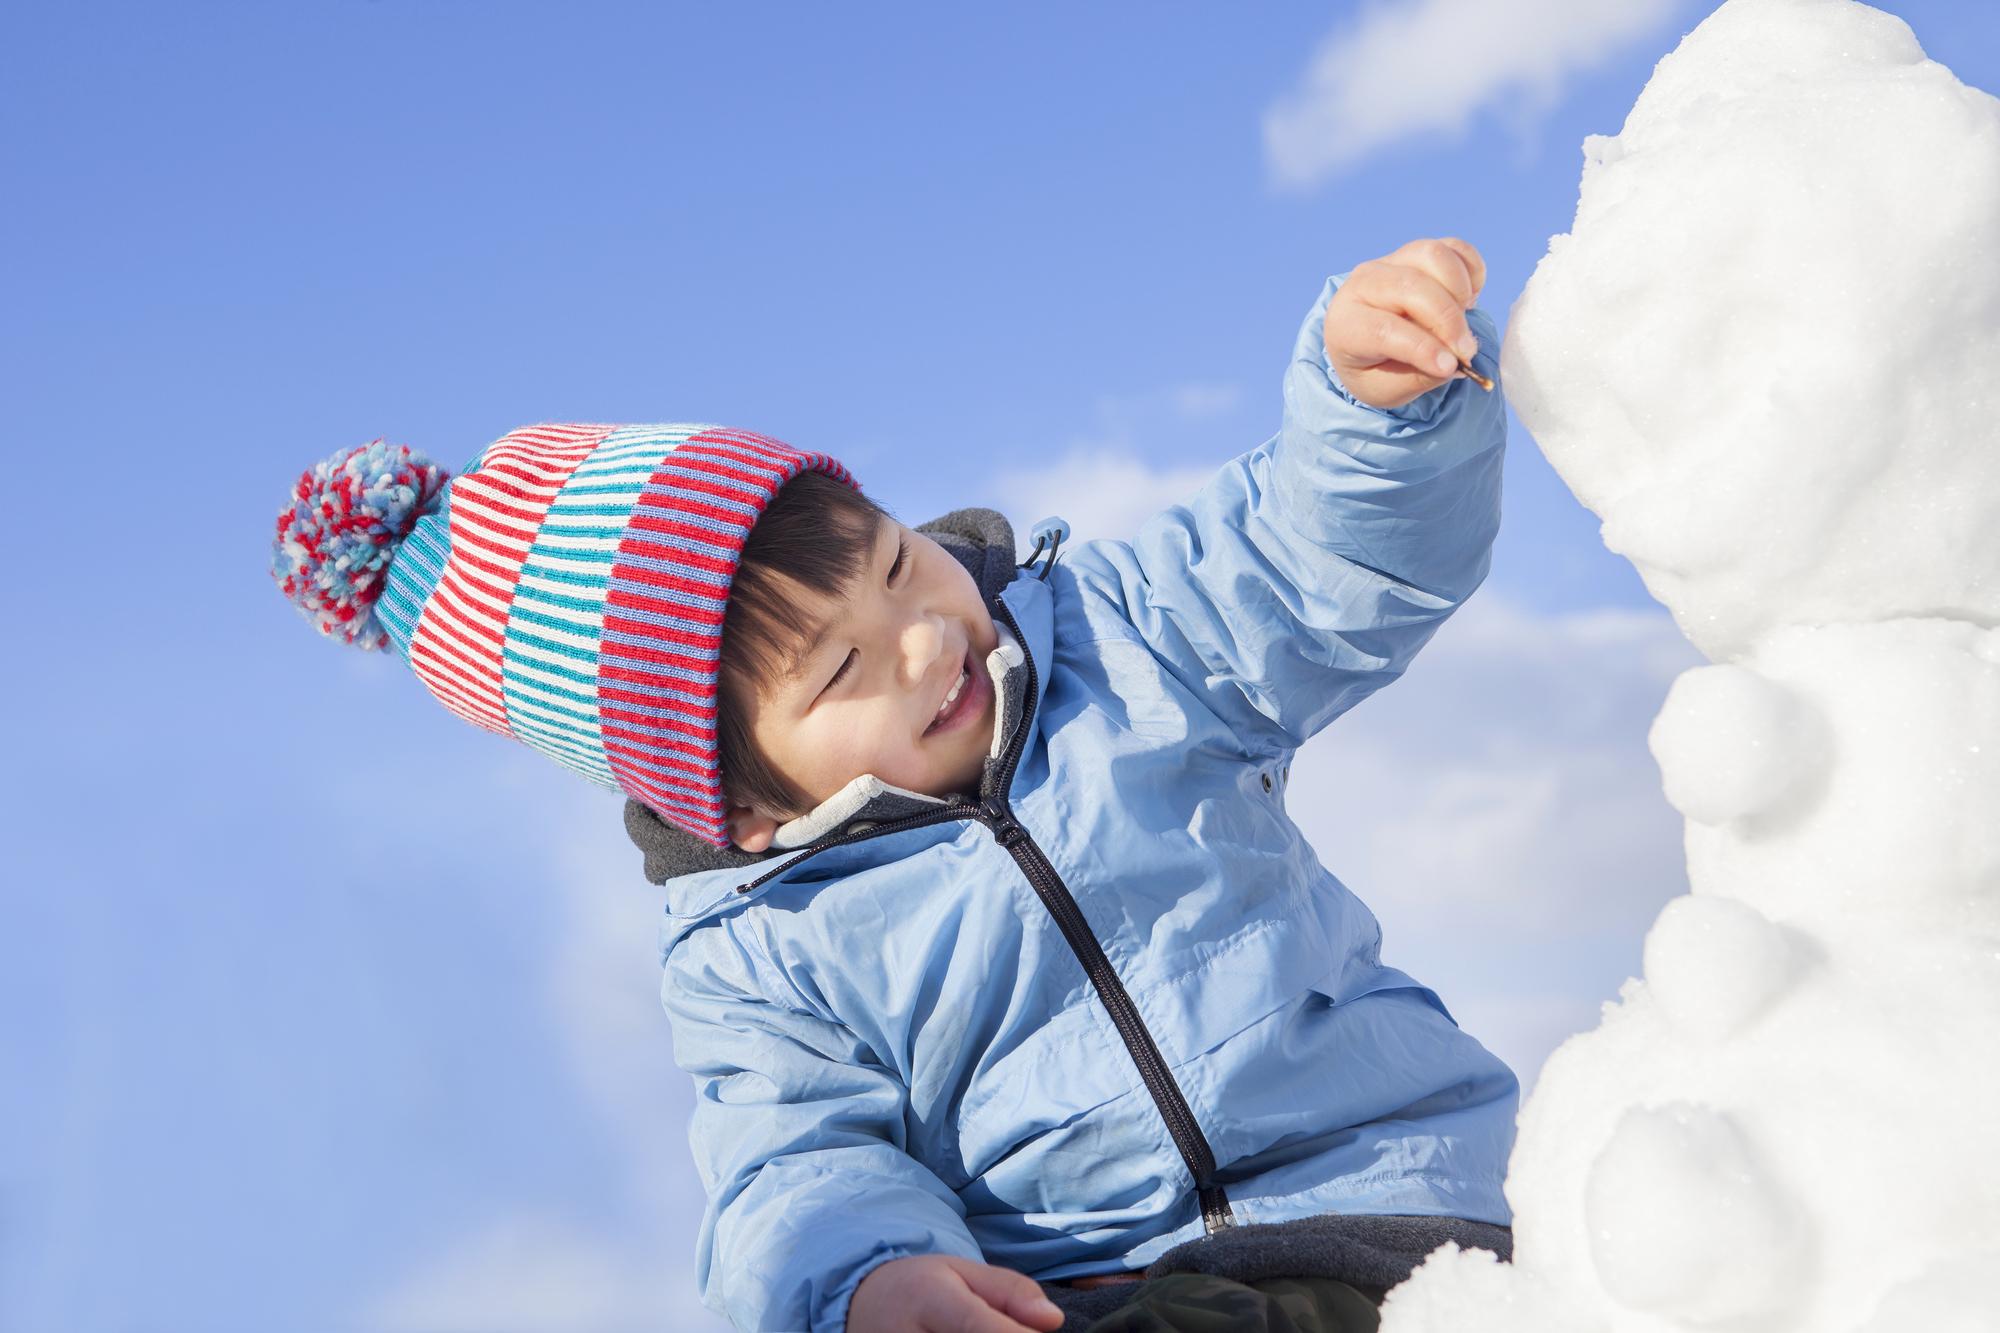 【子どもの雪遊び】服装や靴はどうする?雪遊びファッションの基本とおすすめアイテム12選